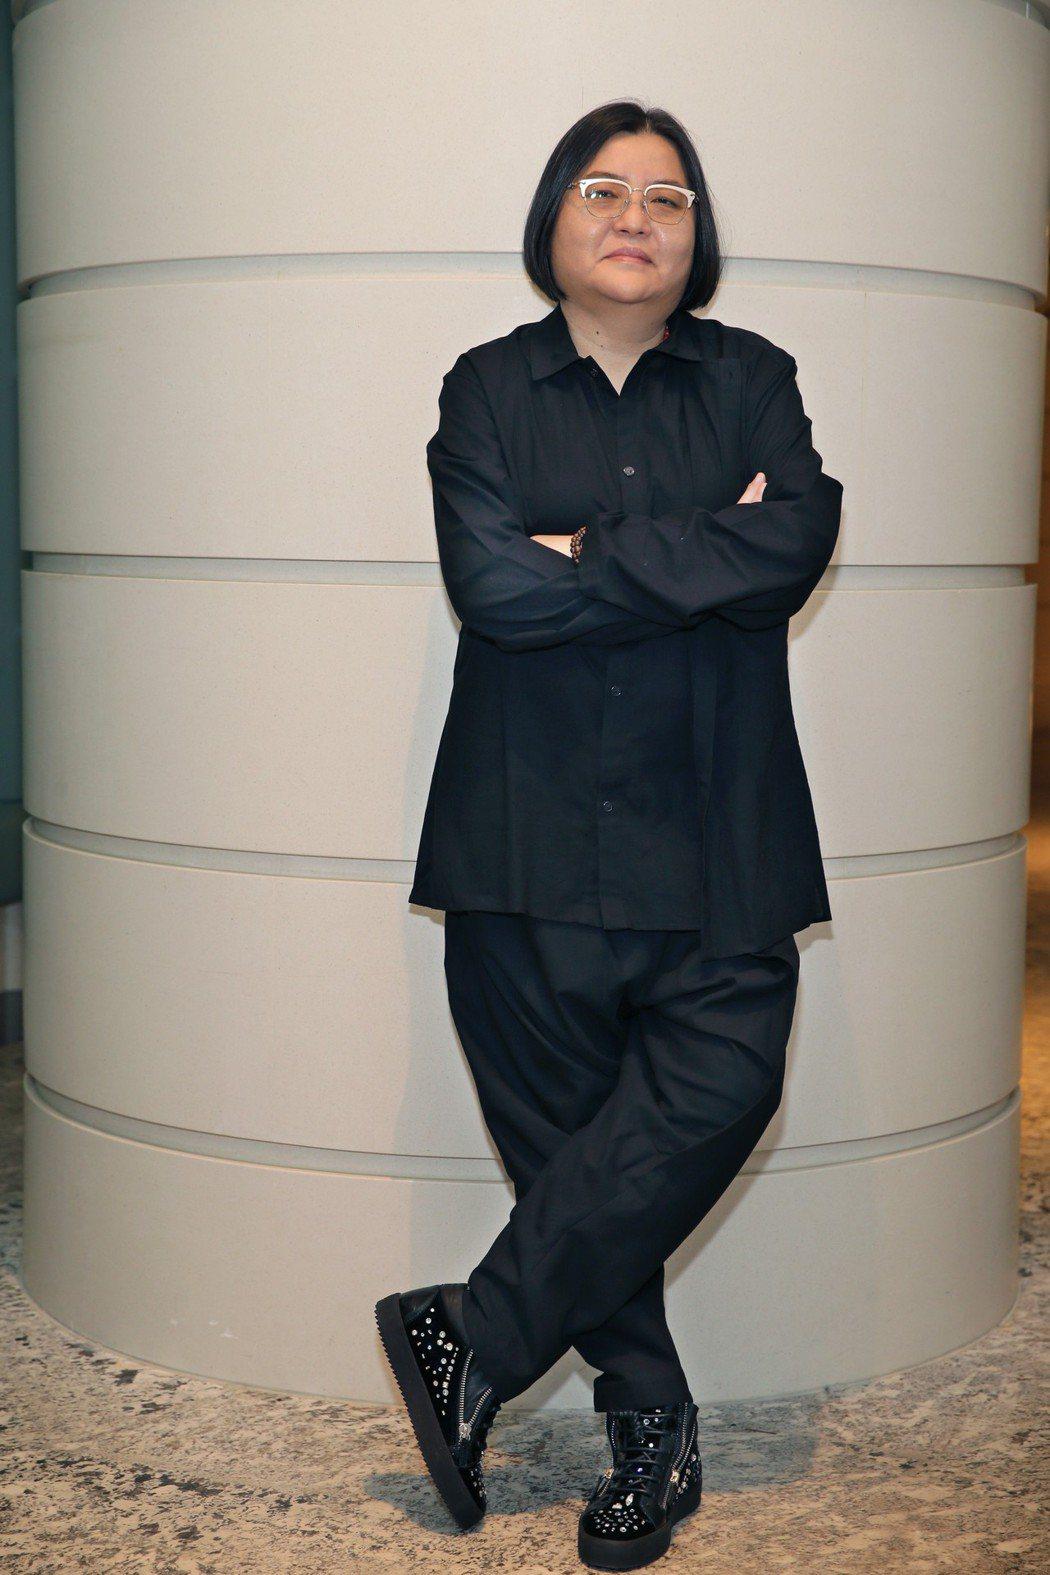 邱瓈寬接受雜誌專訪穿上名牌鞋展現不凡氣勢  圖  WE PEOPLE  東西名人